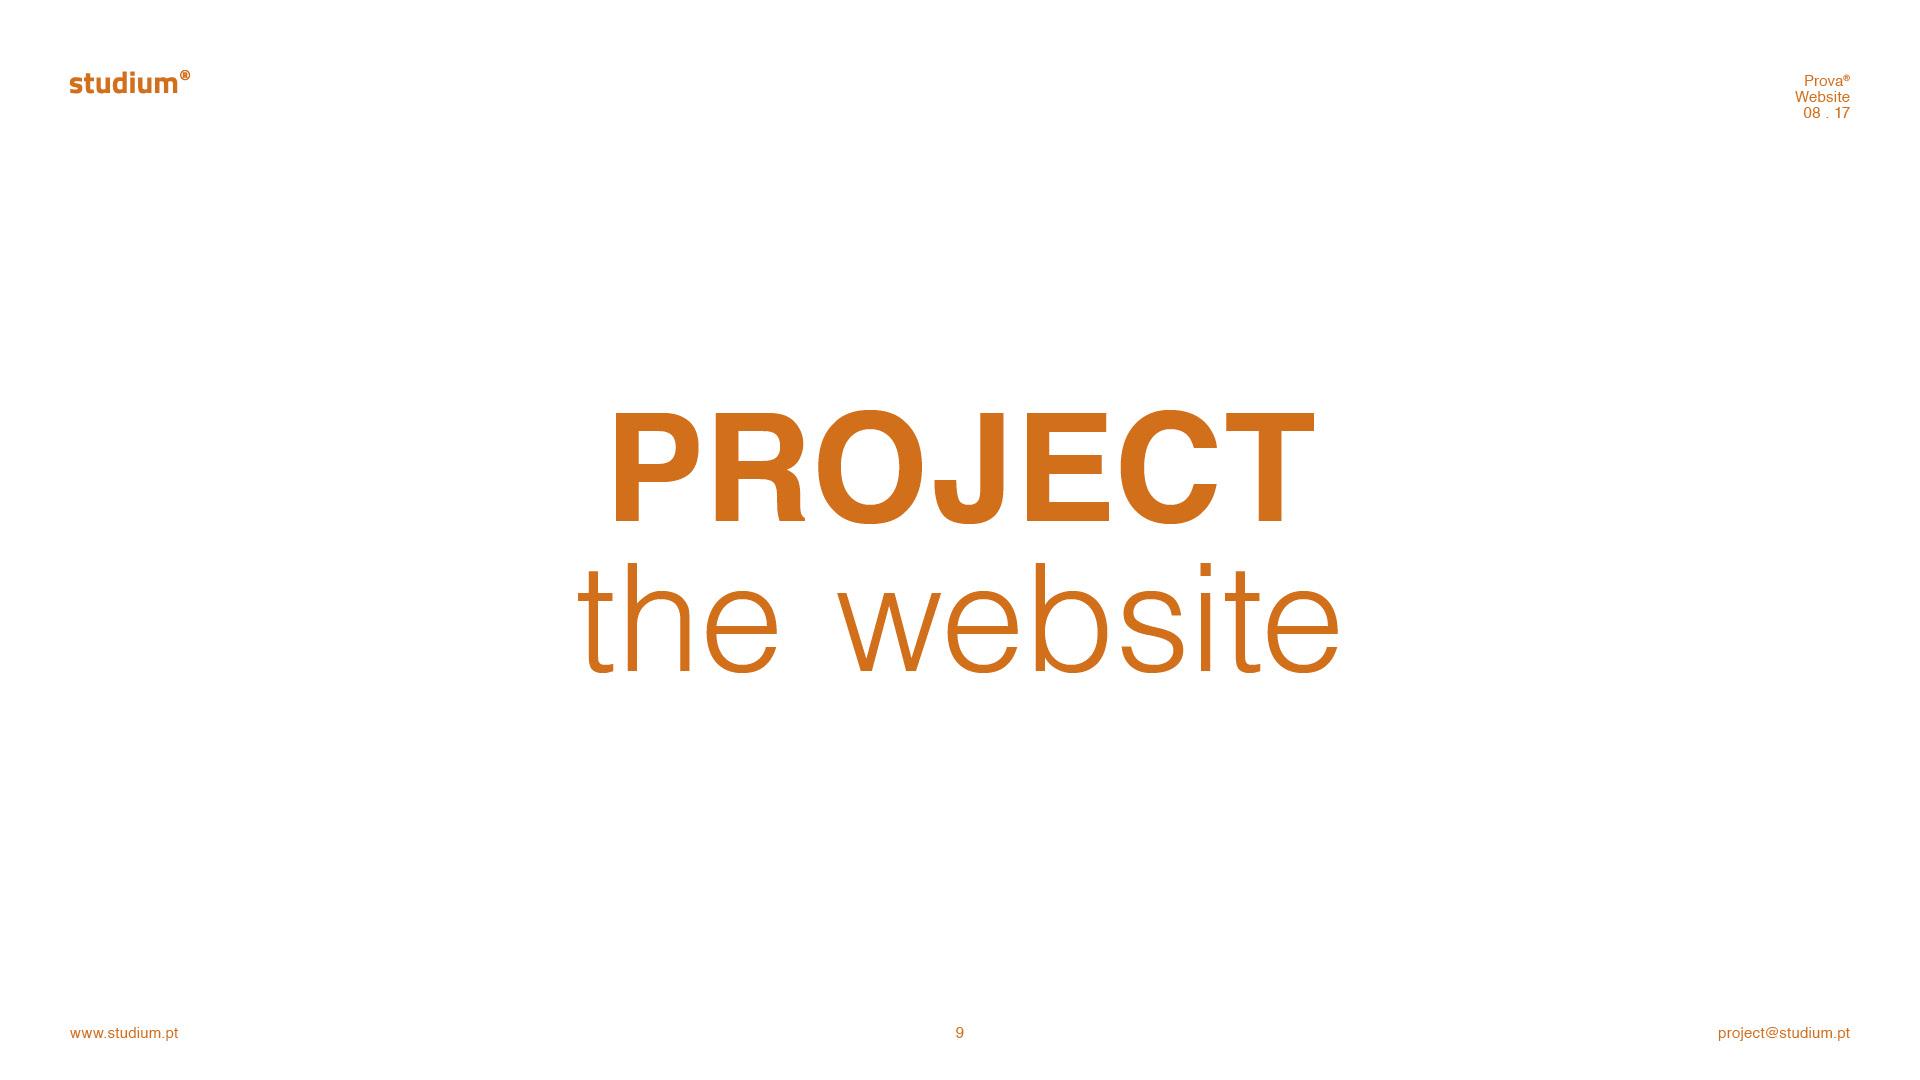 WEB20170000-Prova-Website-Presentation-PU.09